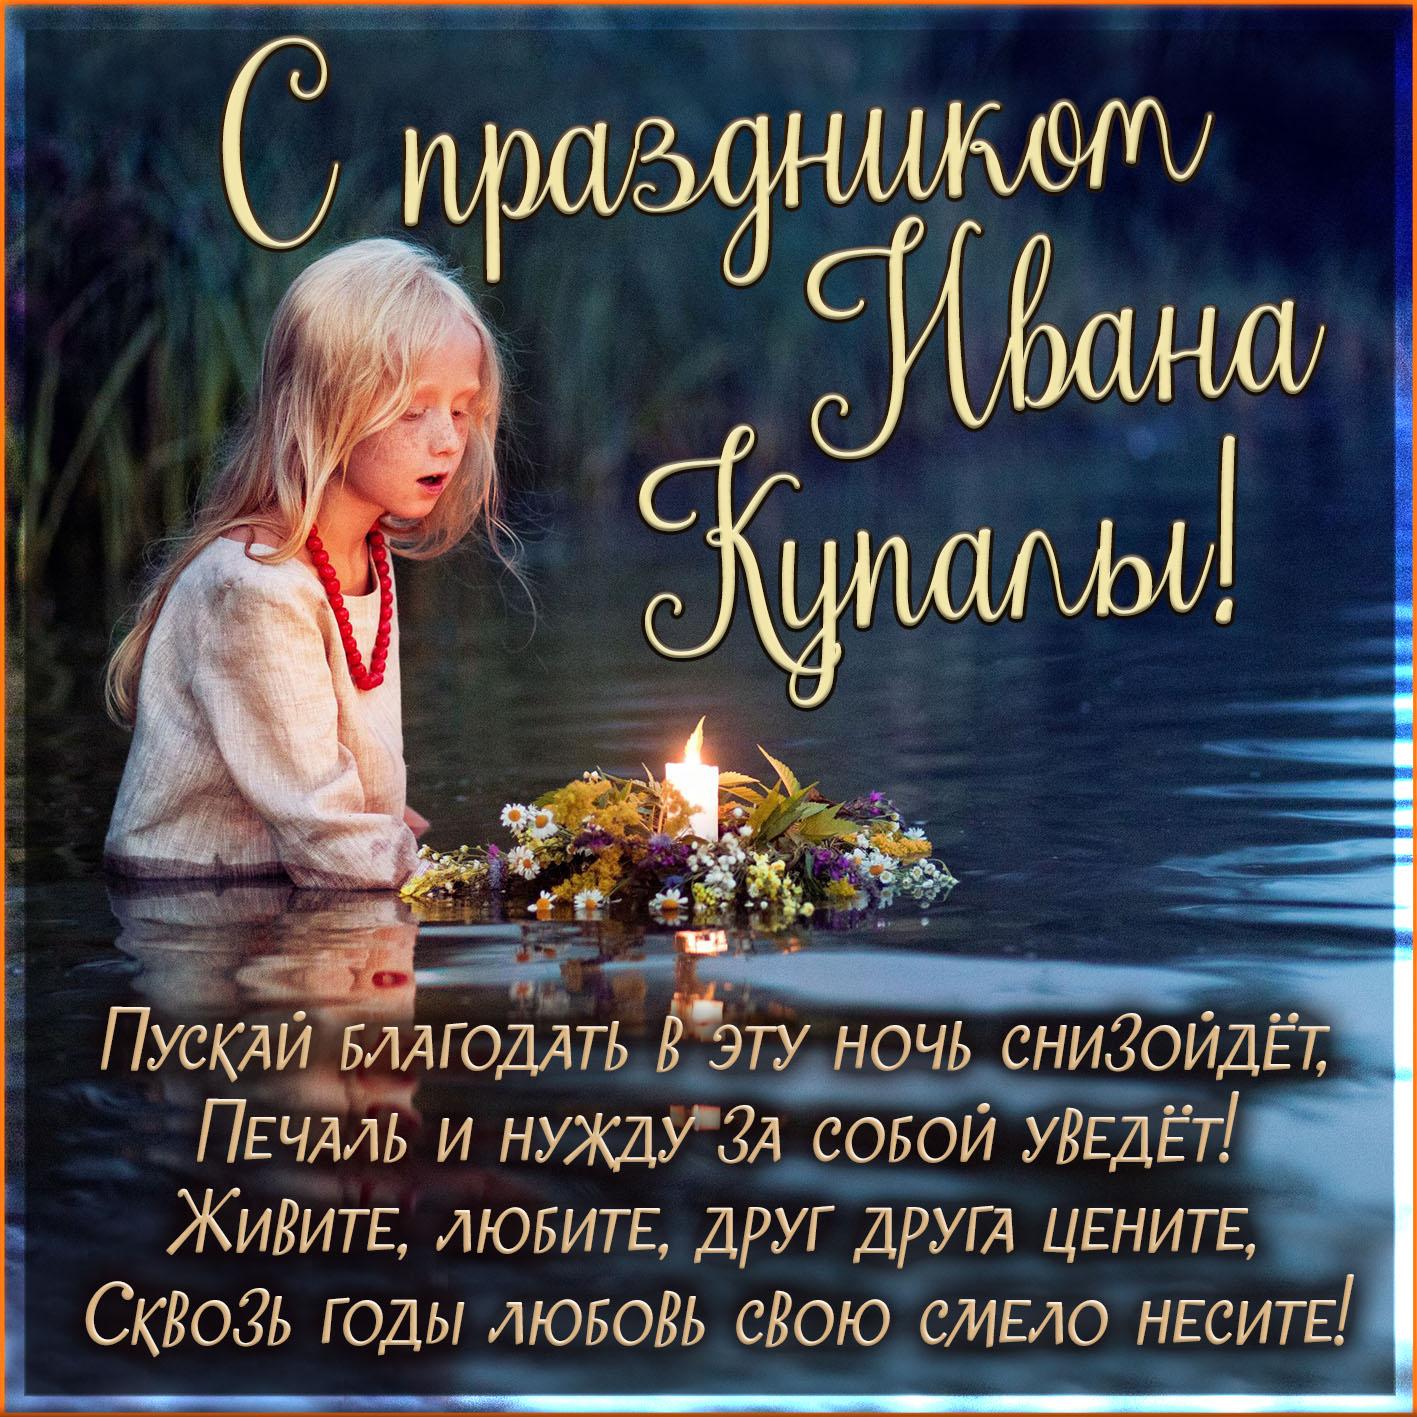 Поздравления иван купала праздник